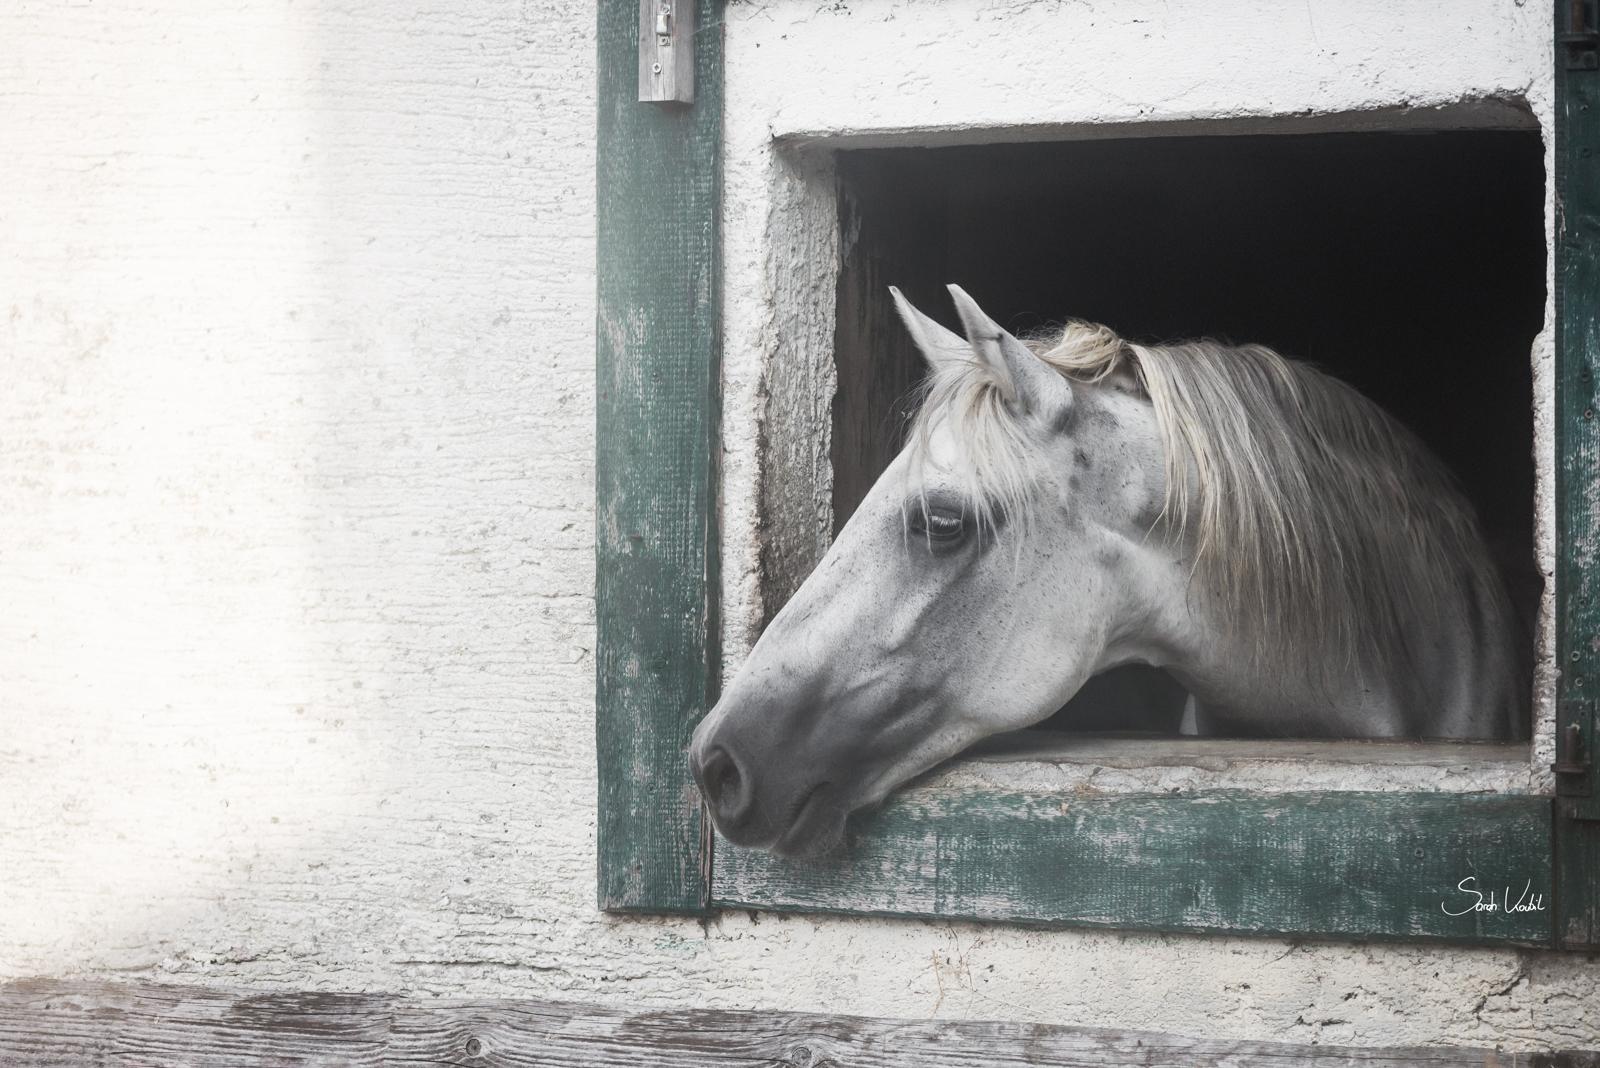 Pferd schaut aus Box | Pferdefotoshooting | Pferdefotografie | Bayern | gratis Fotokurs | einfach bessere Fotos machen | Motive einrahmen